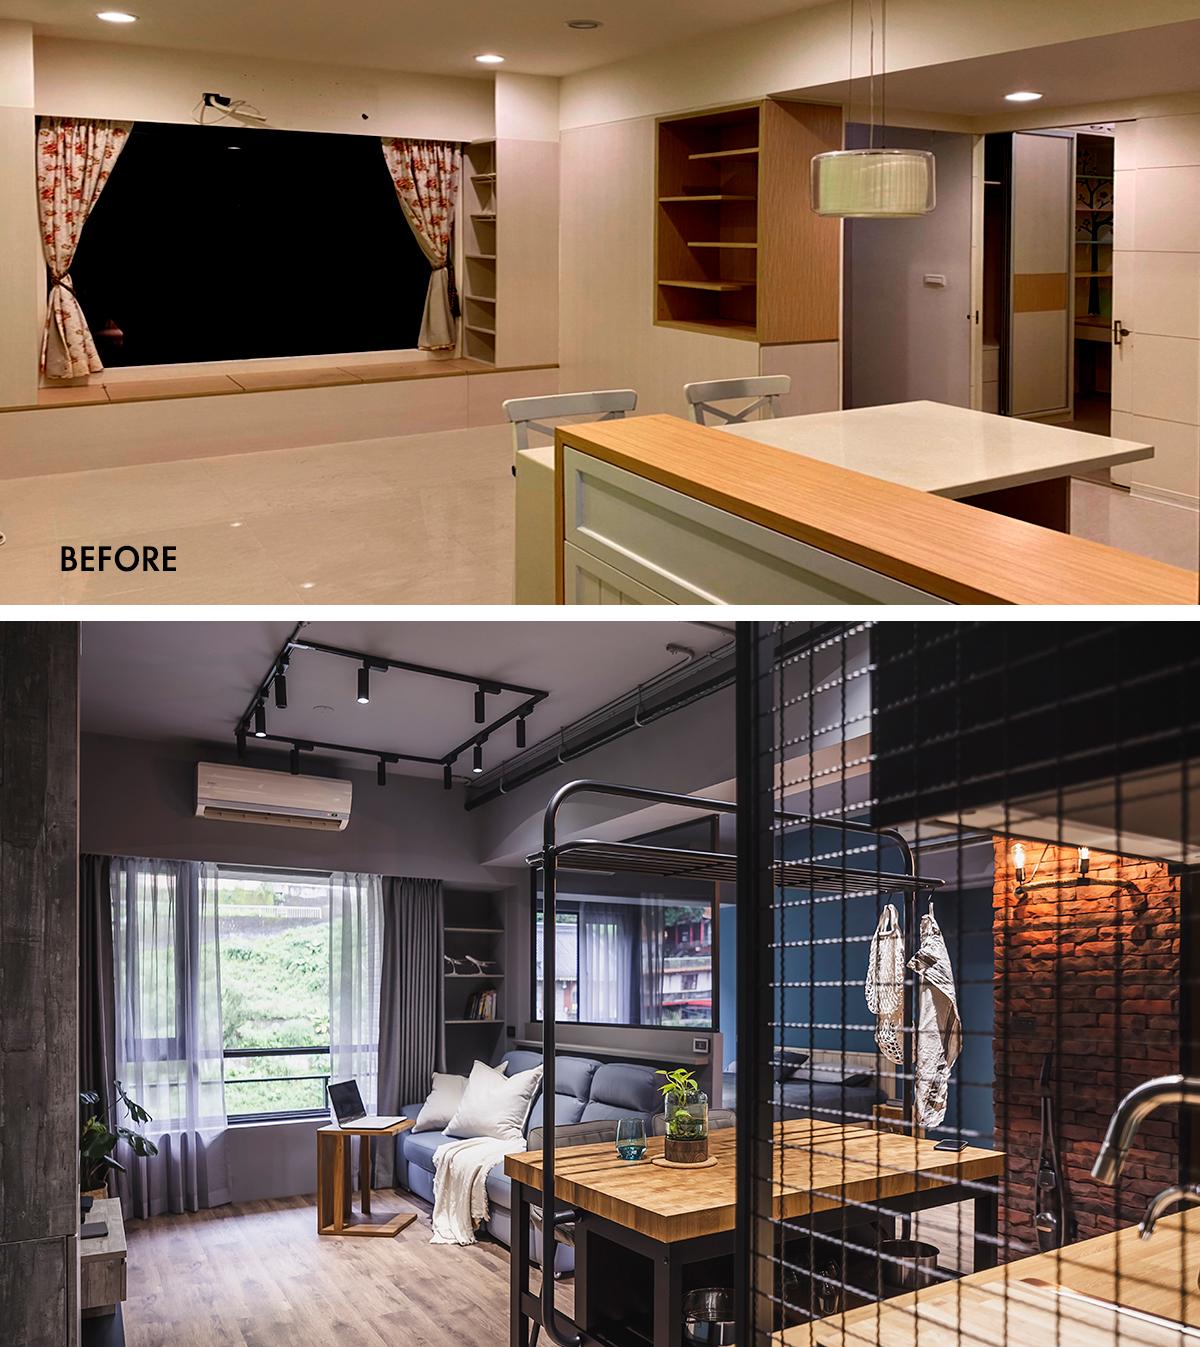 Căn hộ 12m² tạo dấu ấn bởi phong cách công nghiệp đẹp đến khó tin của cô nàng độc thân - Ảnh 2.